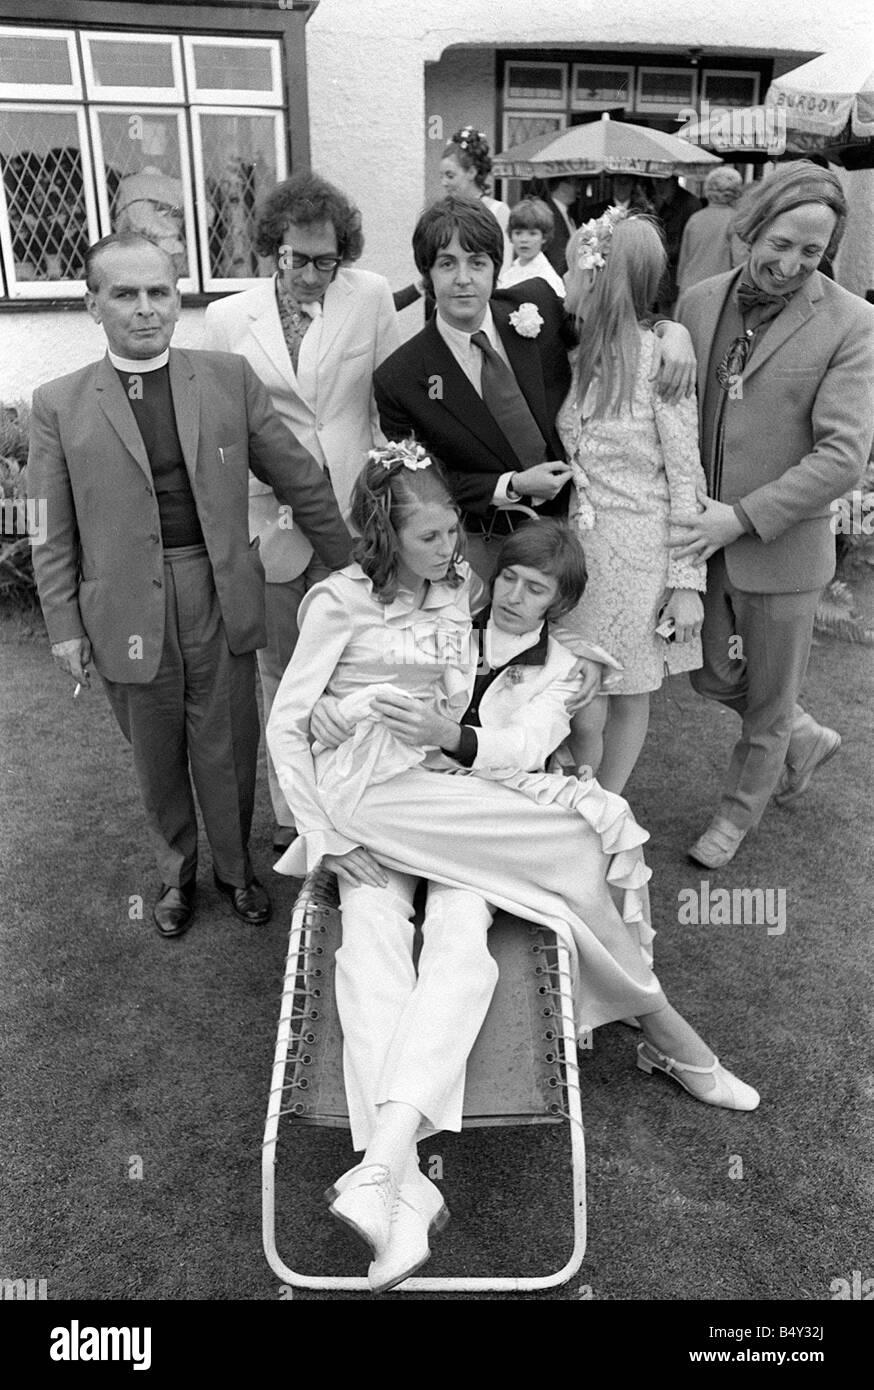 Juin 1968 les Beatles Paul McCartney Jane Asher et Roger McGough et John Gorman de l'échafaudage assister à la réception Banque D'Images